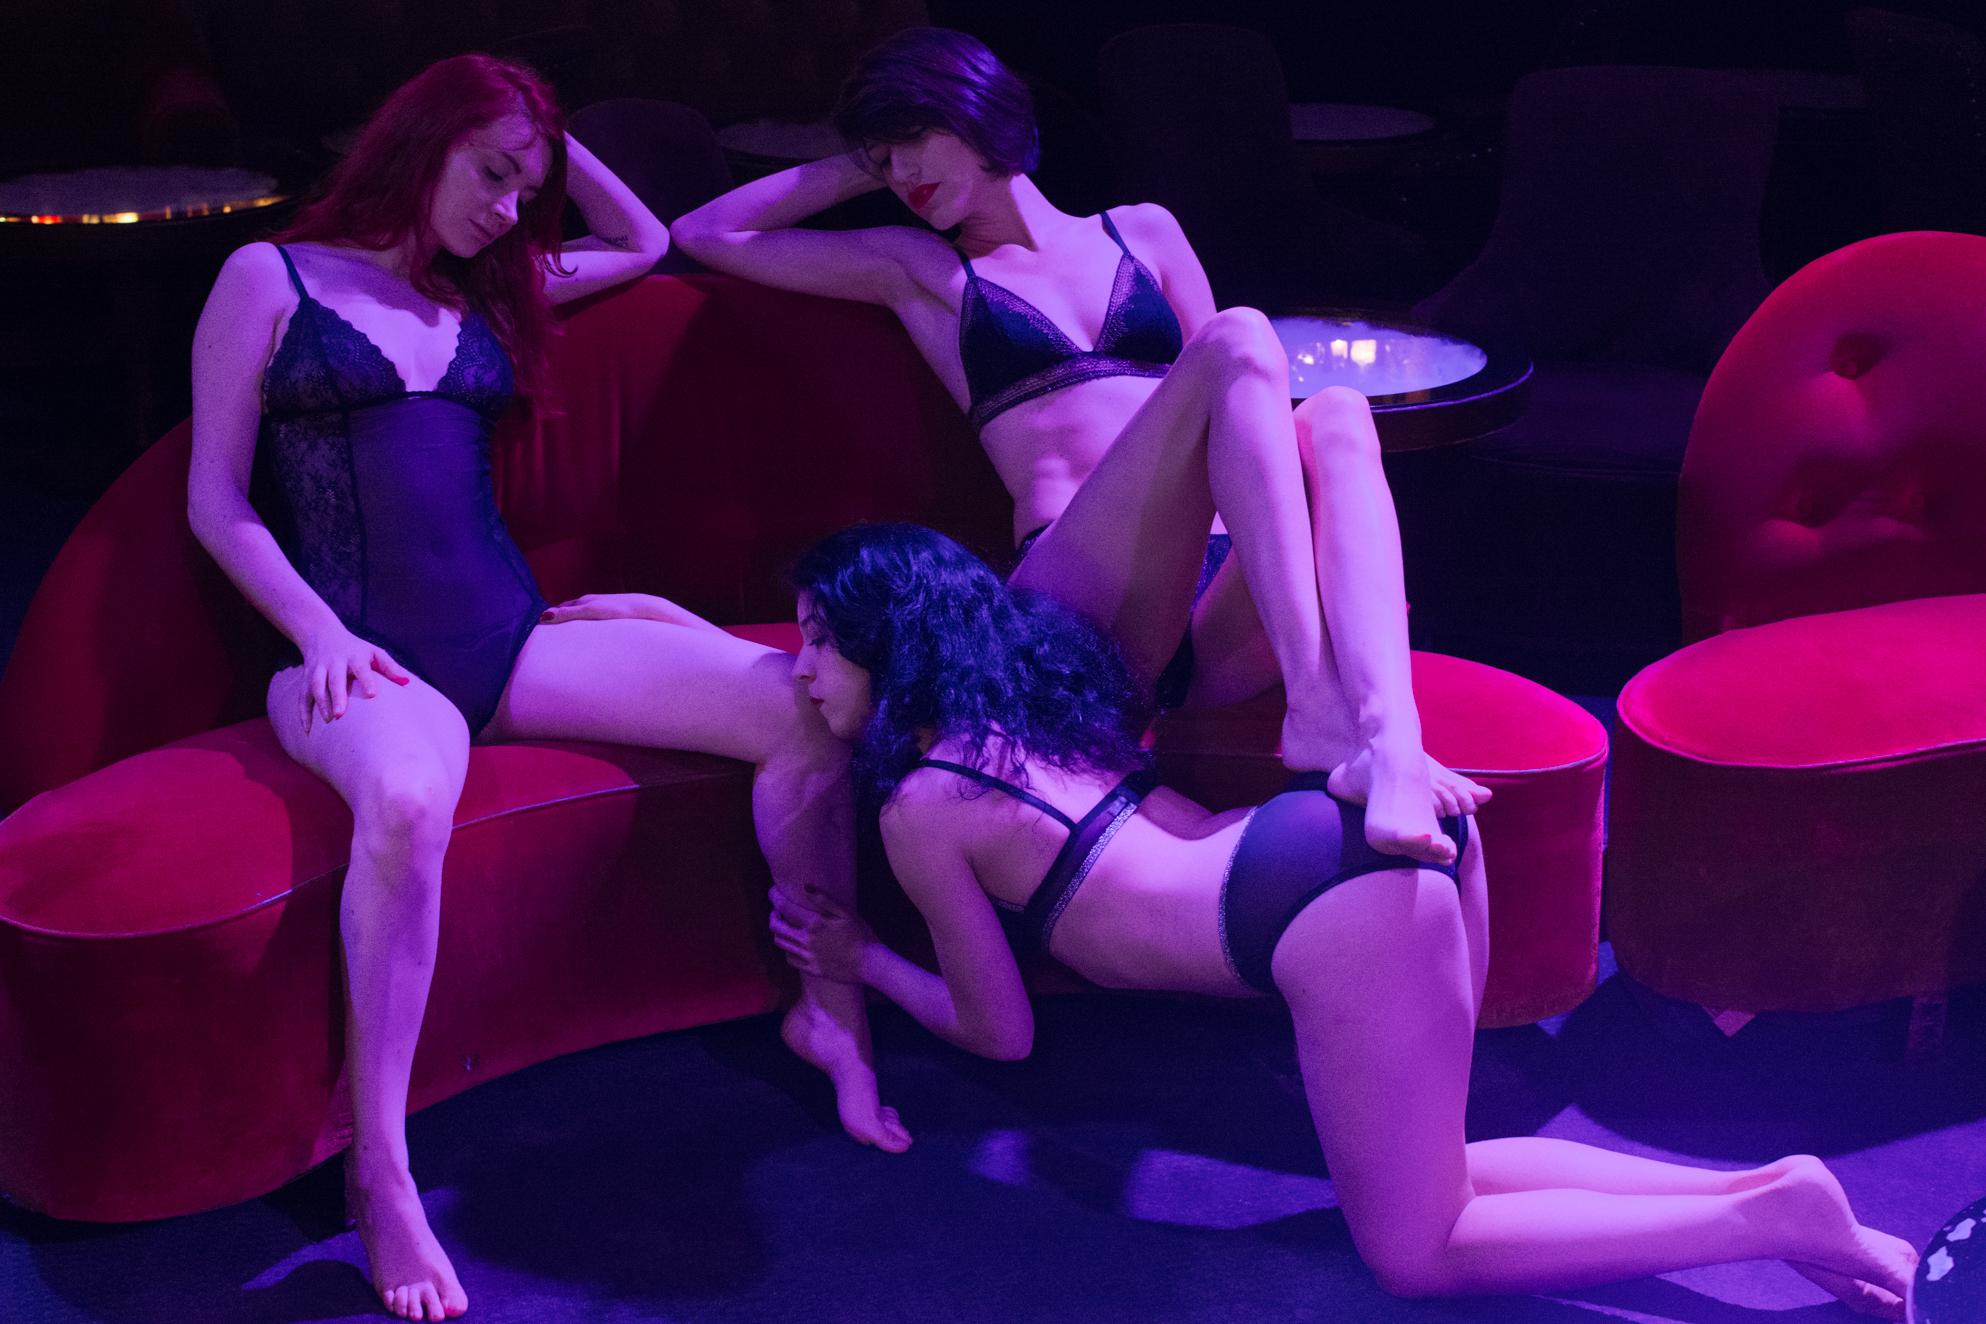 les rituelles lingerie fine secret square mr miss lingerie eshop france_DLZ1477.jpg